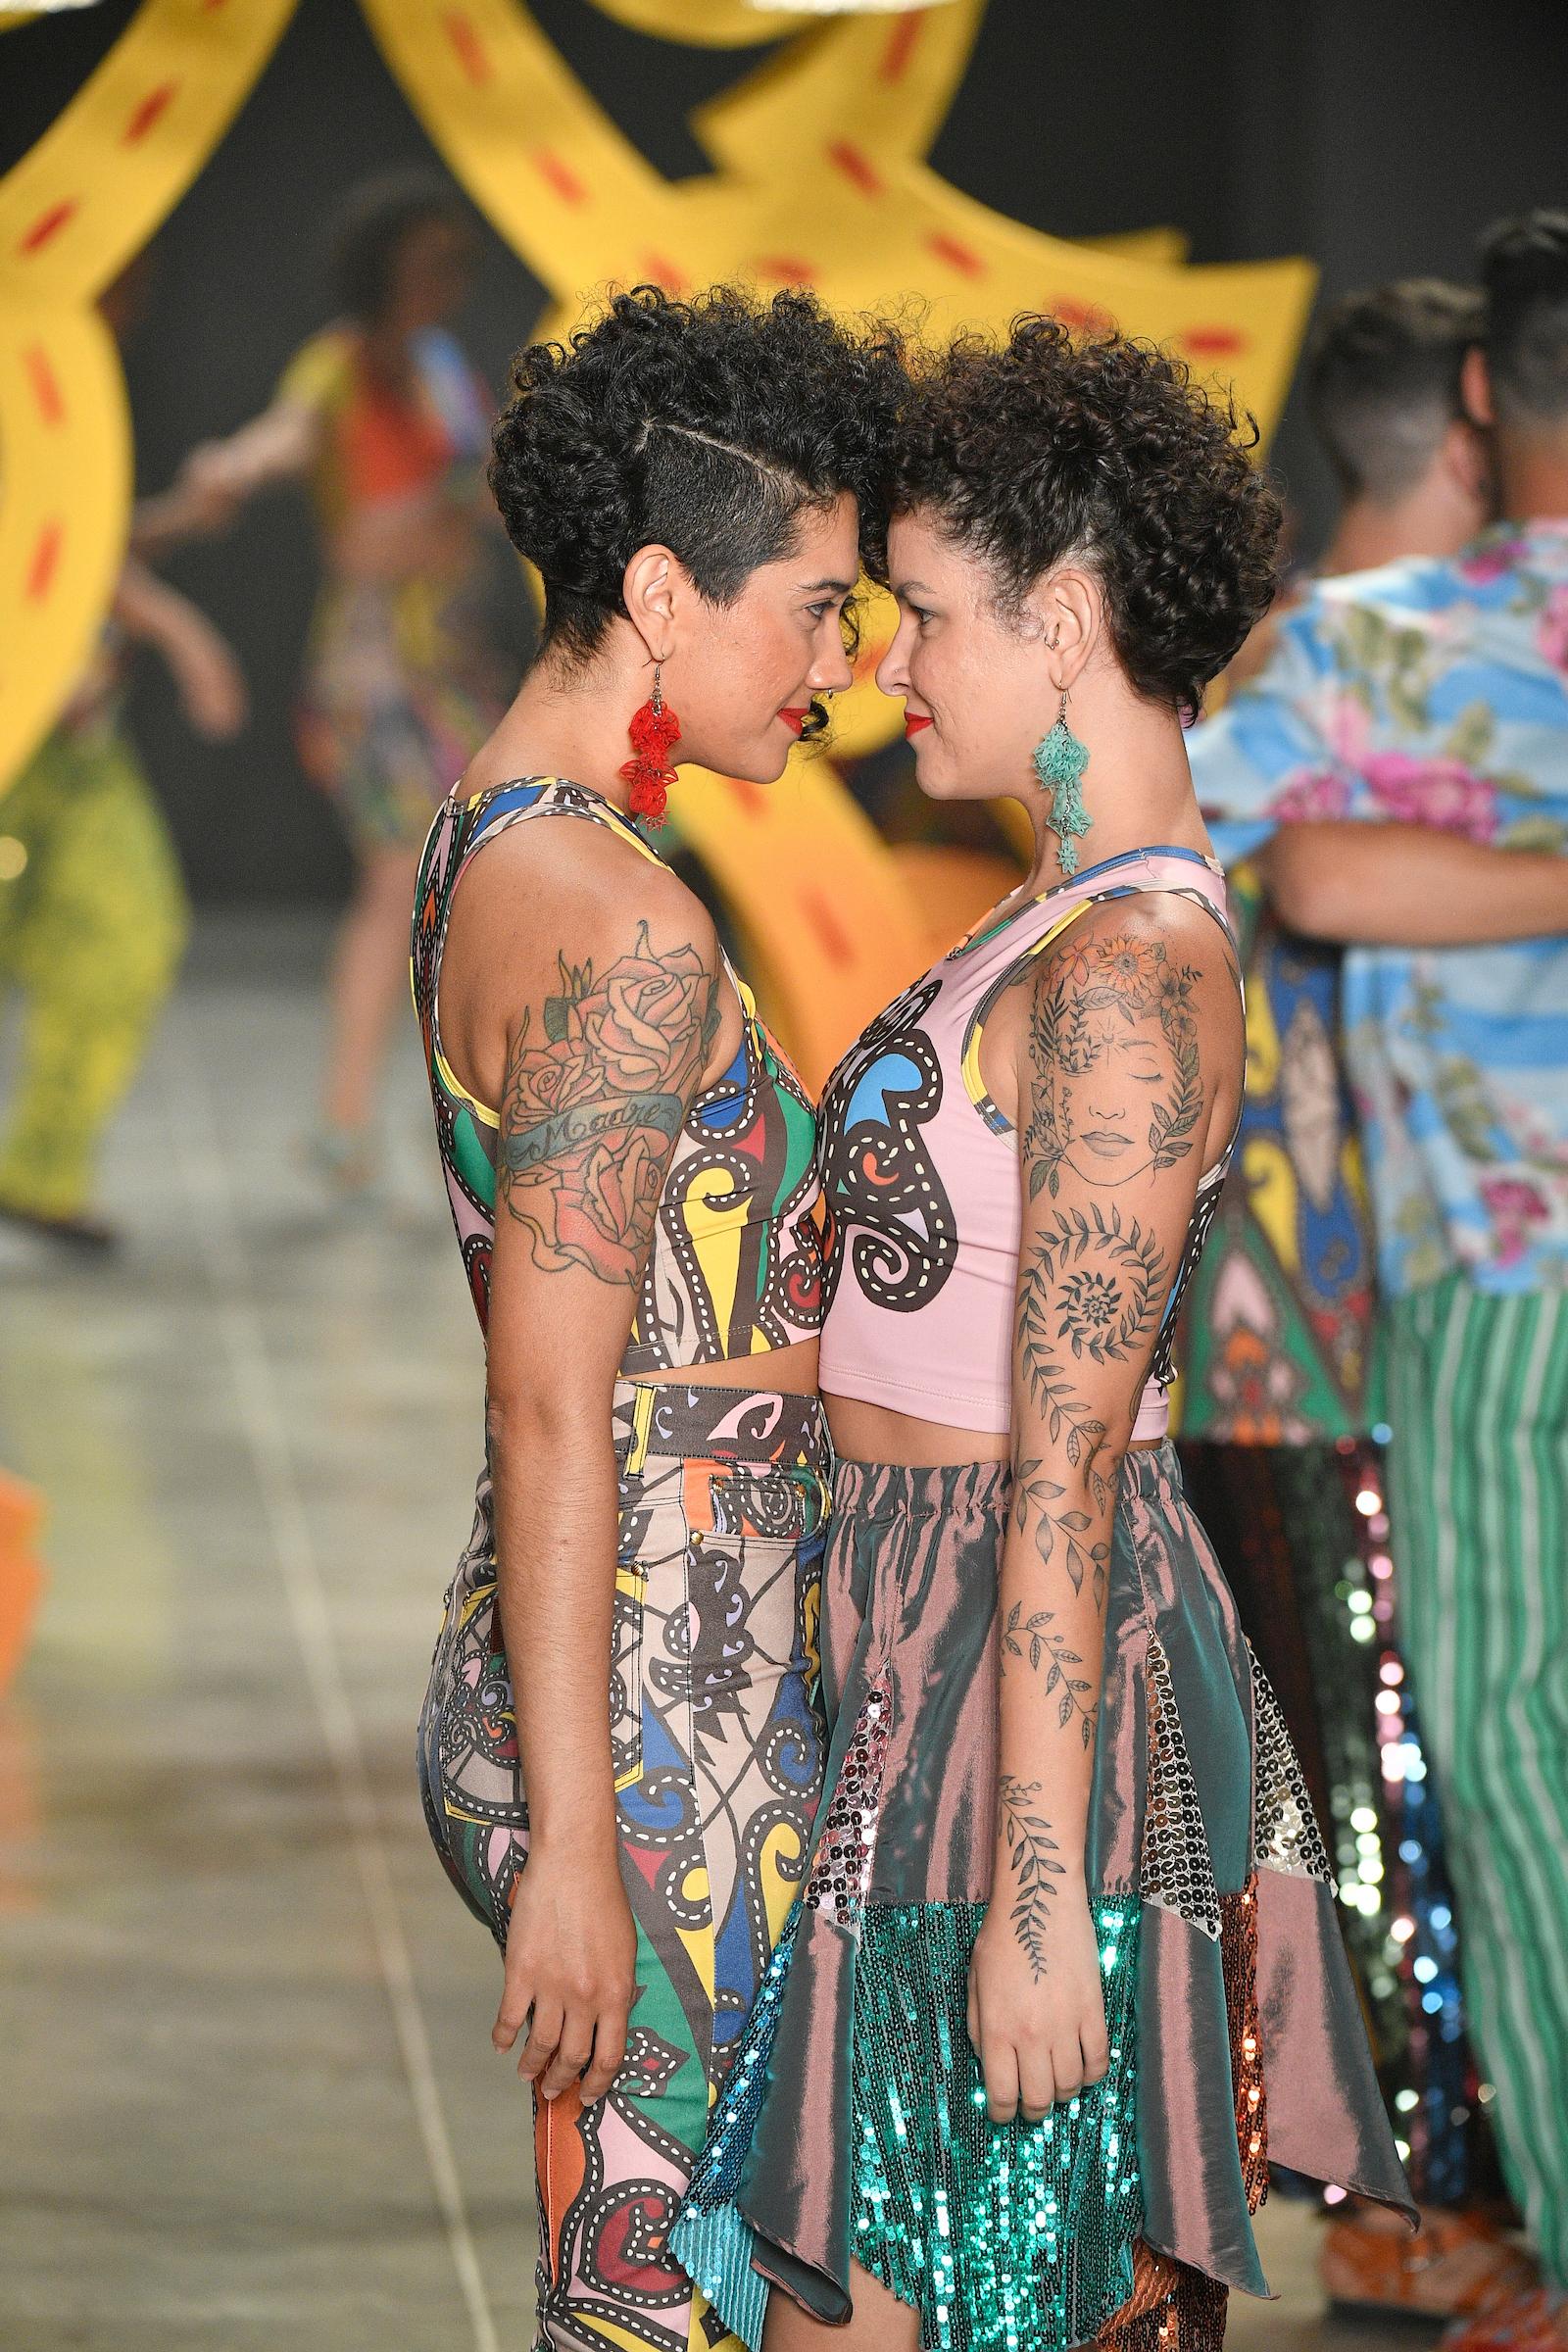 Casais LGBT+ dançaram na passarela durante o desfile da Amapõ. / FOTOSITE